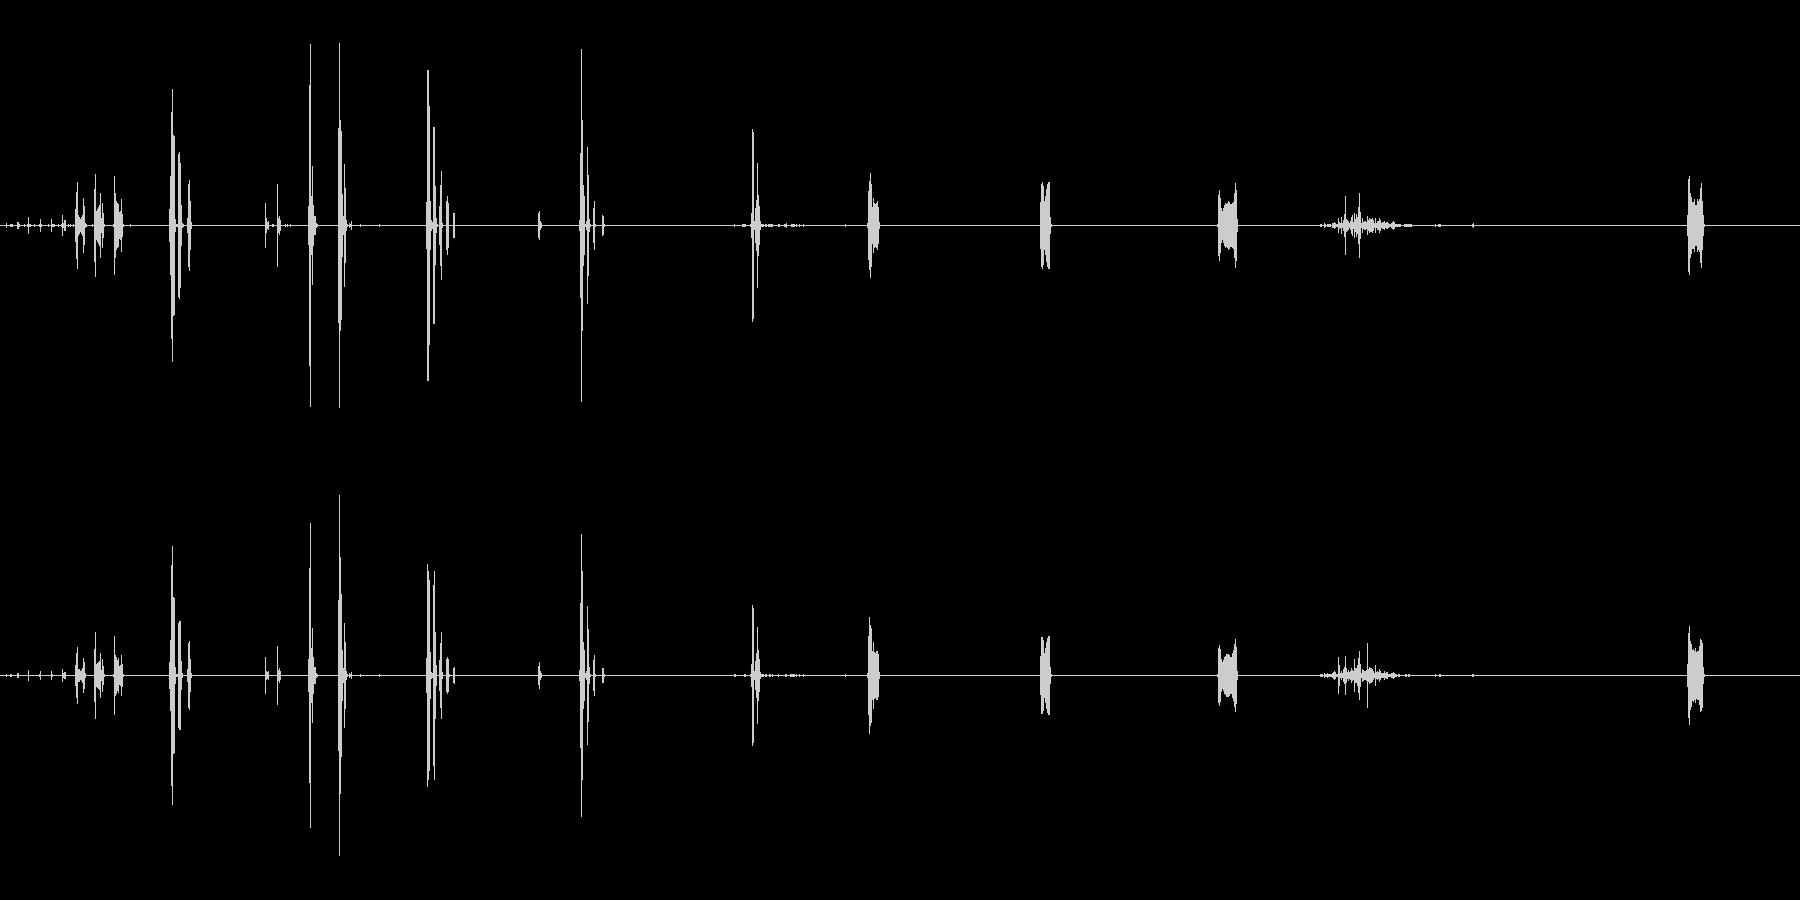 ハクトウワシ:さまざまなチャープ、...の未再生の波形